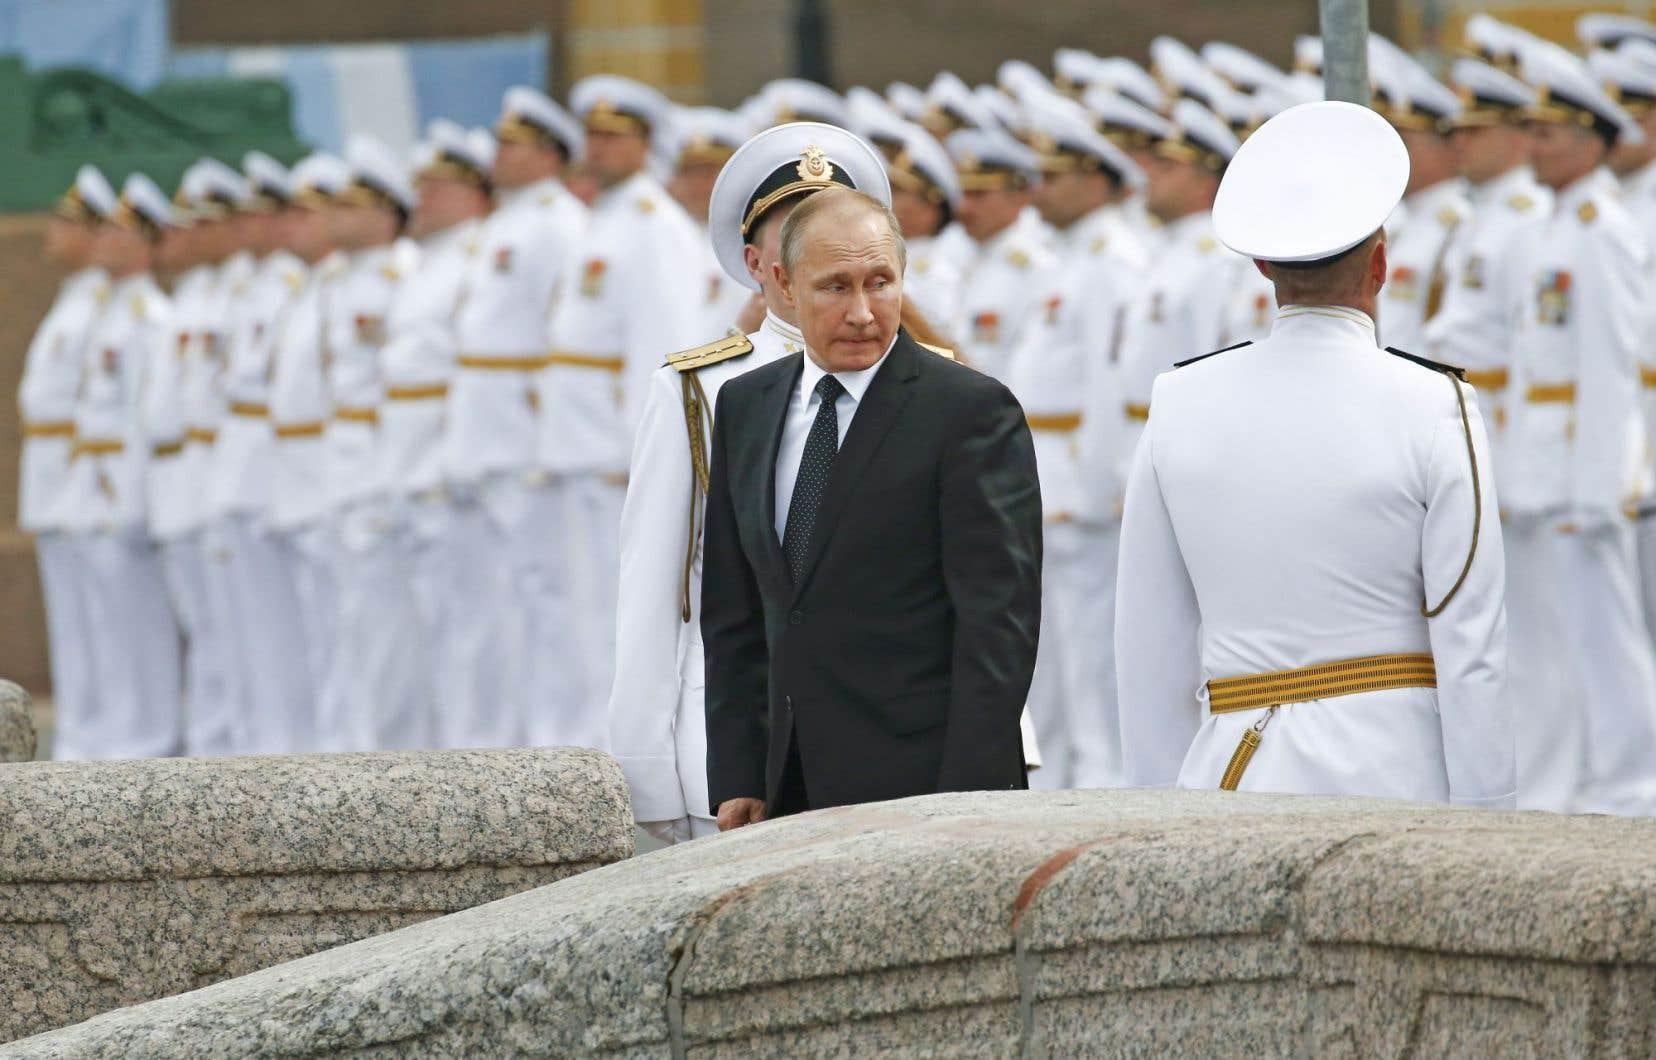 «Plus d'un millier de personnes — diplomates et personnel technique — travaillaient et travaillent encore» dans les représentations diplomatiques américaines en Russie, a indiqué le président russe, Vladimir Poutine.